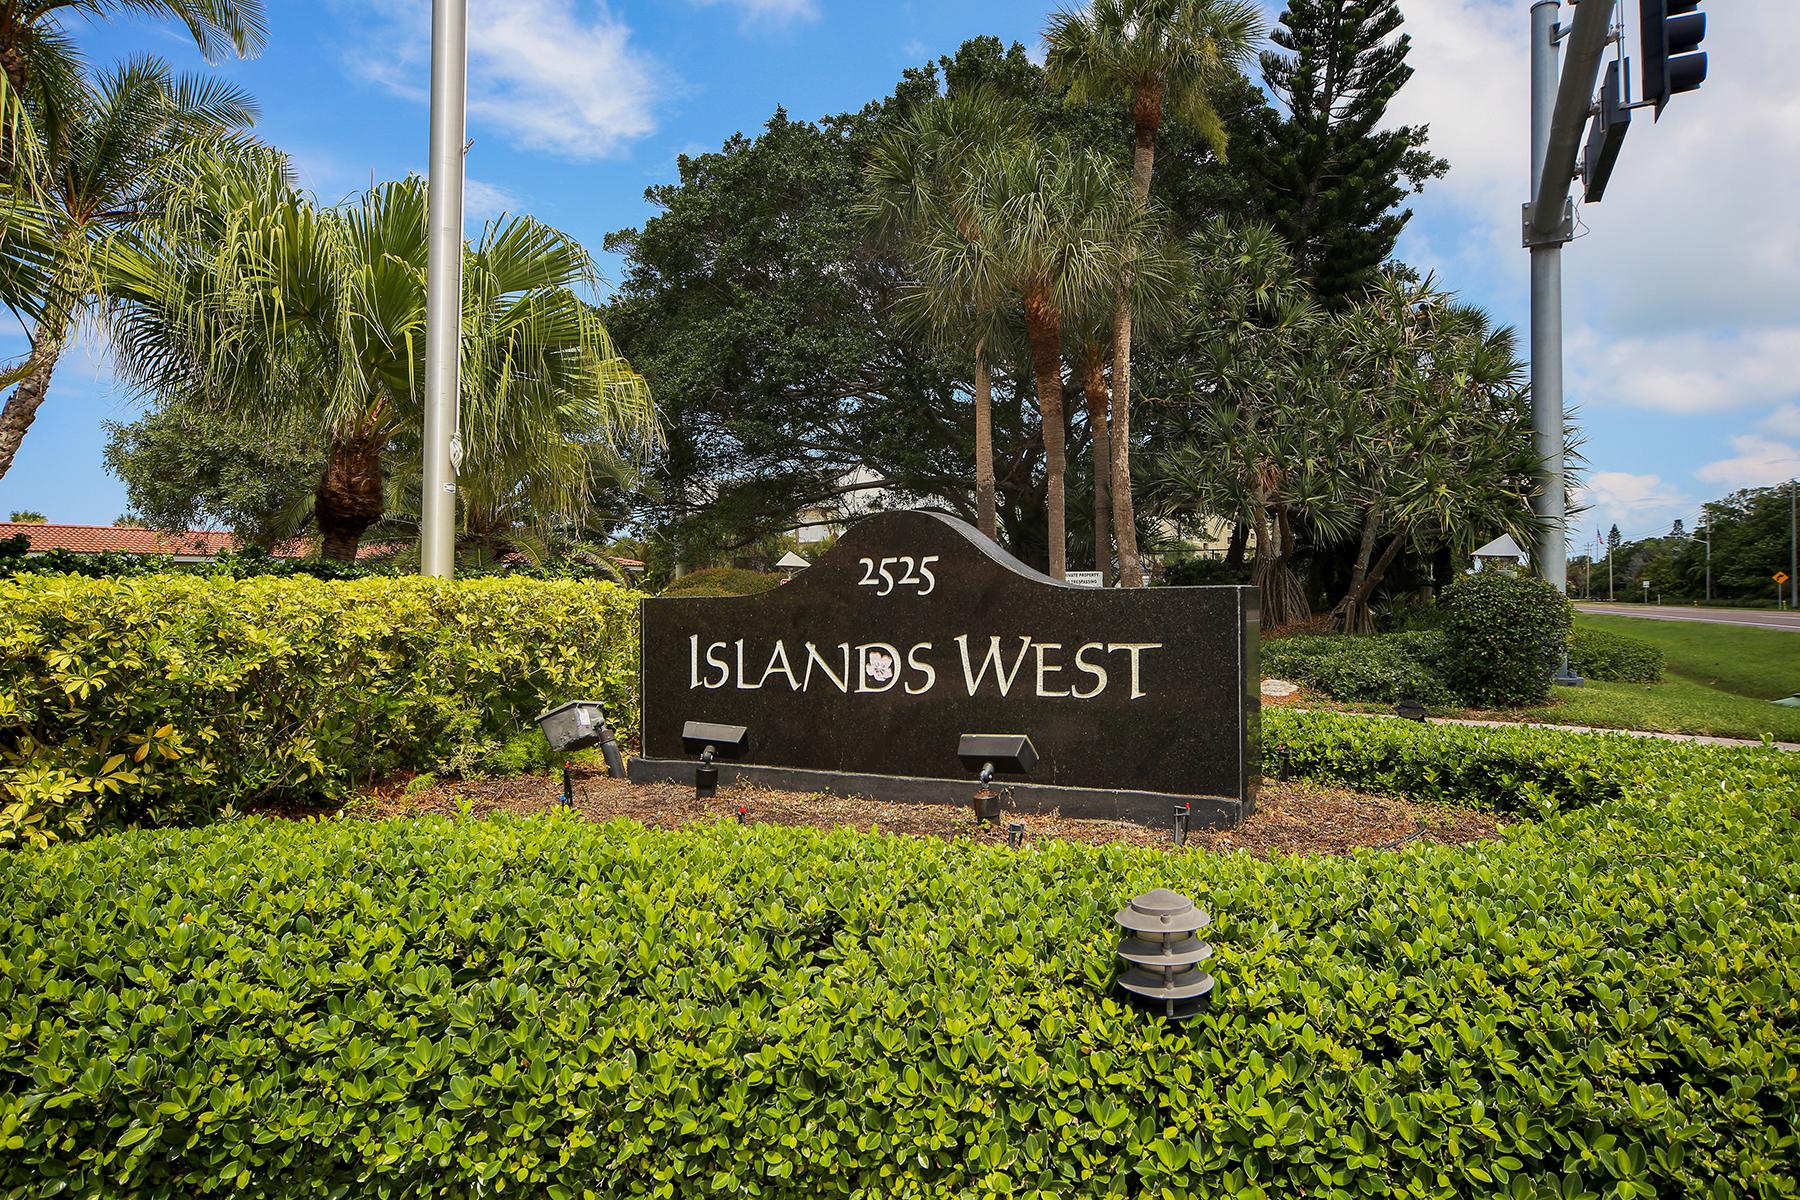 Кондоминиум для того Аренда на LONGBOAT KEY - ISLAND'S WEST 2525 Gulf of Mexico Dr., #12A, Longboat Key, Флорида, 34228 Соединенные Штаты